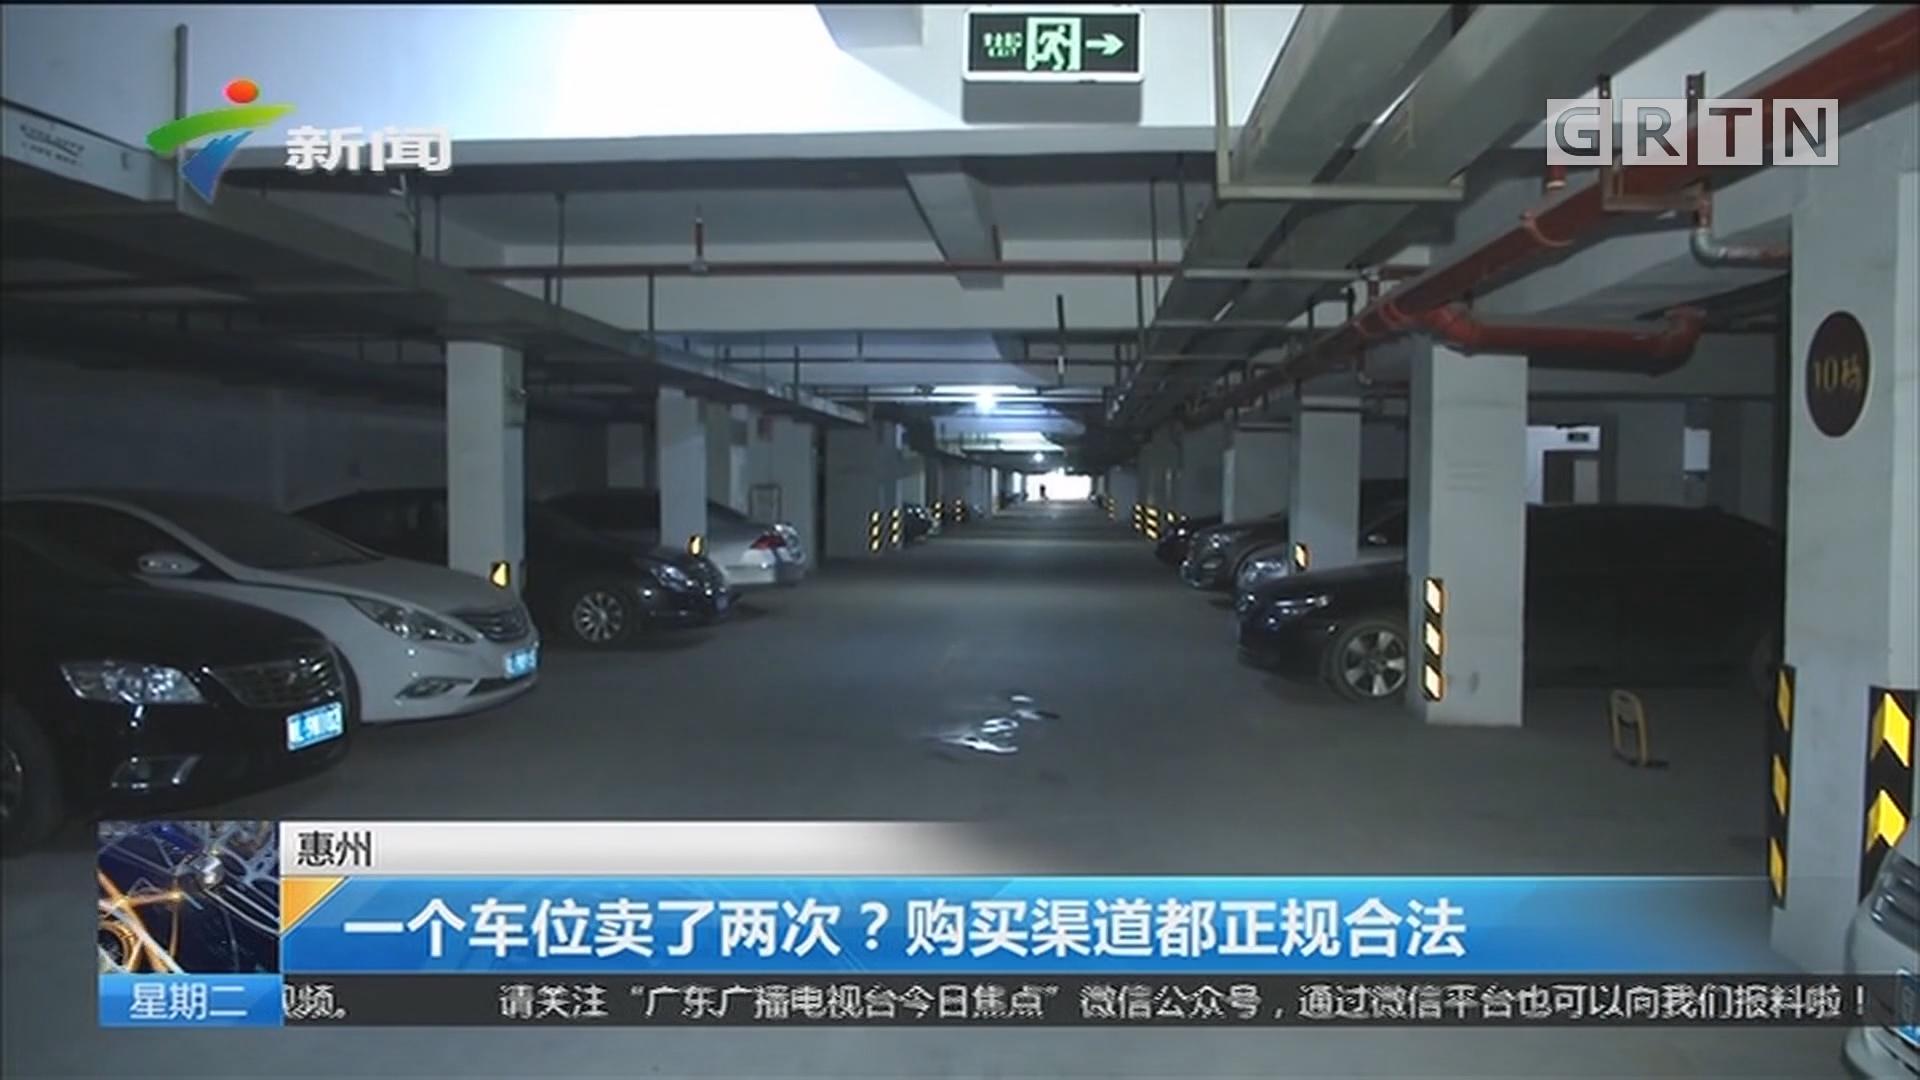 惠州:一个车位卖了两次?购买渠道都正规合法